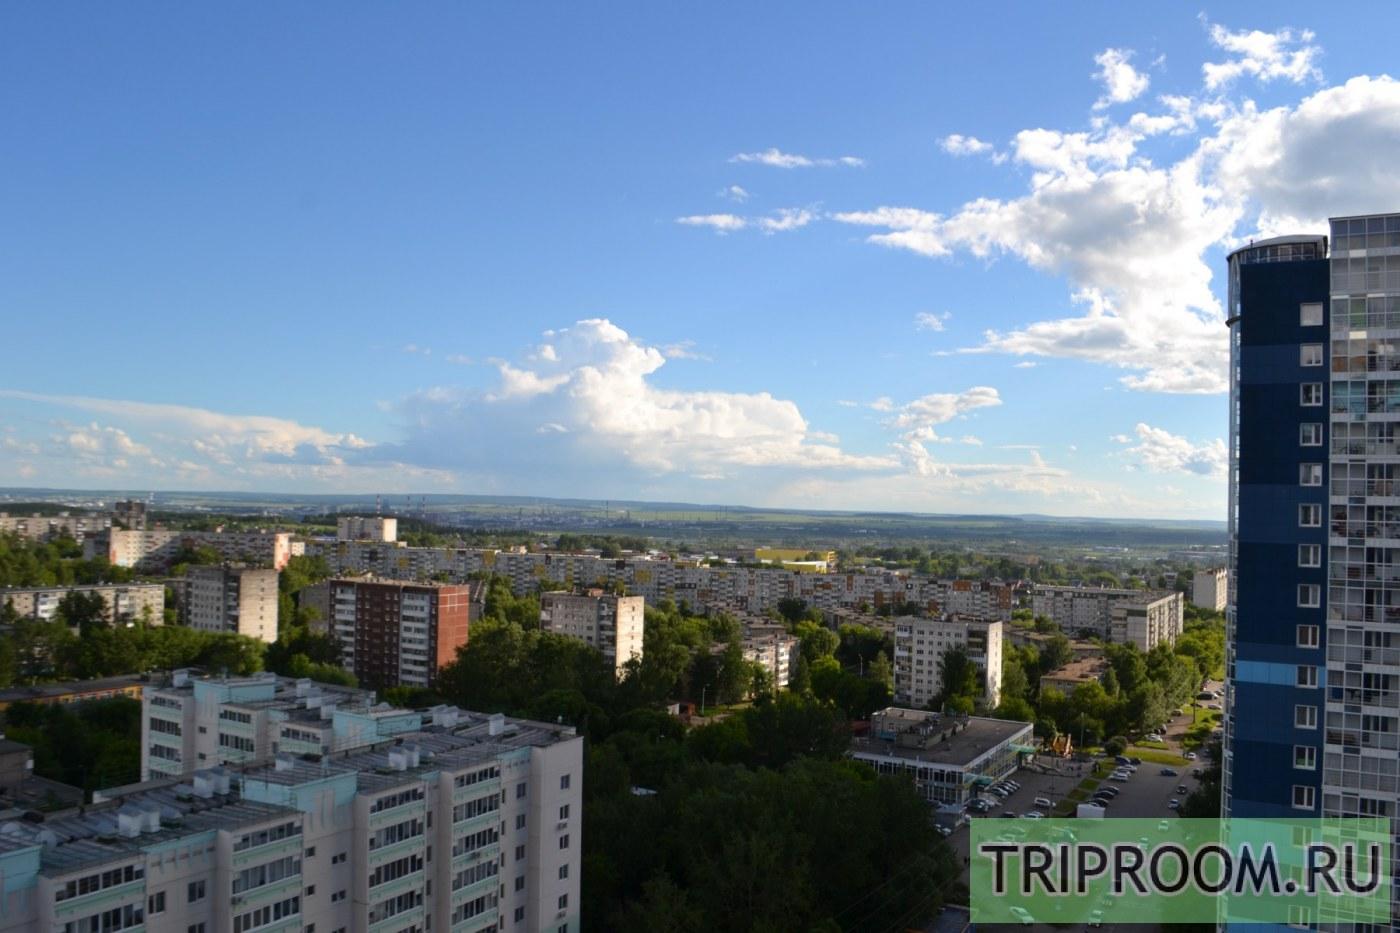 1-комнатная квартира посуточно (вариант № 39023), ул. Беляева улица, фото № 7